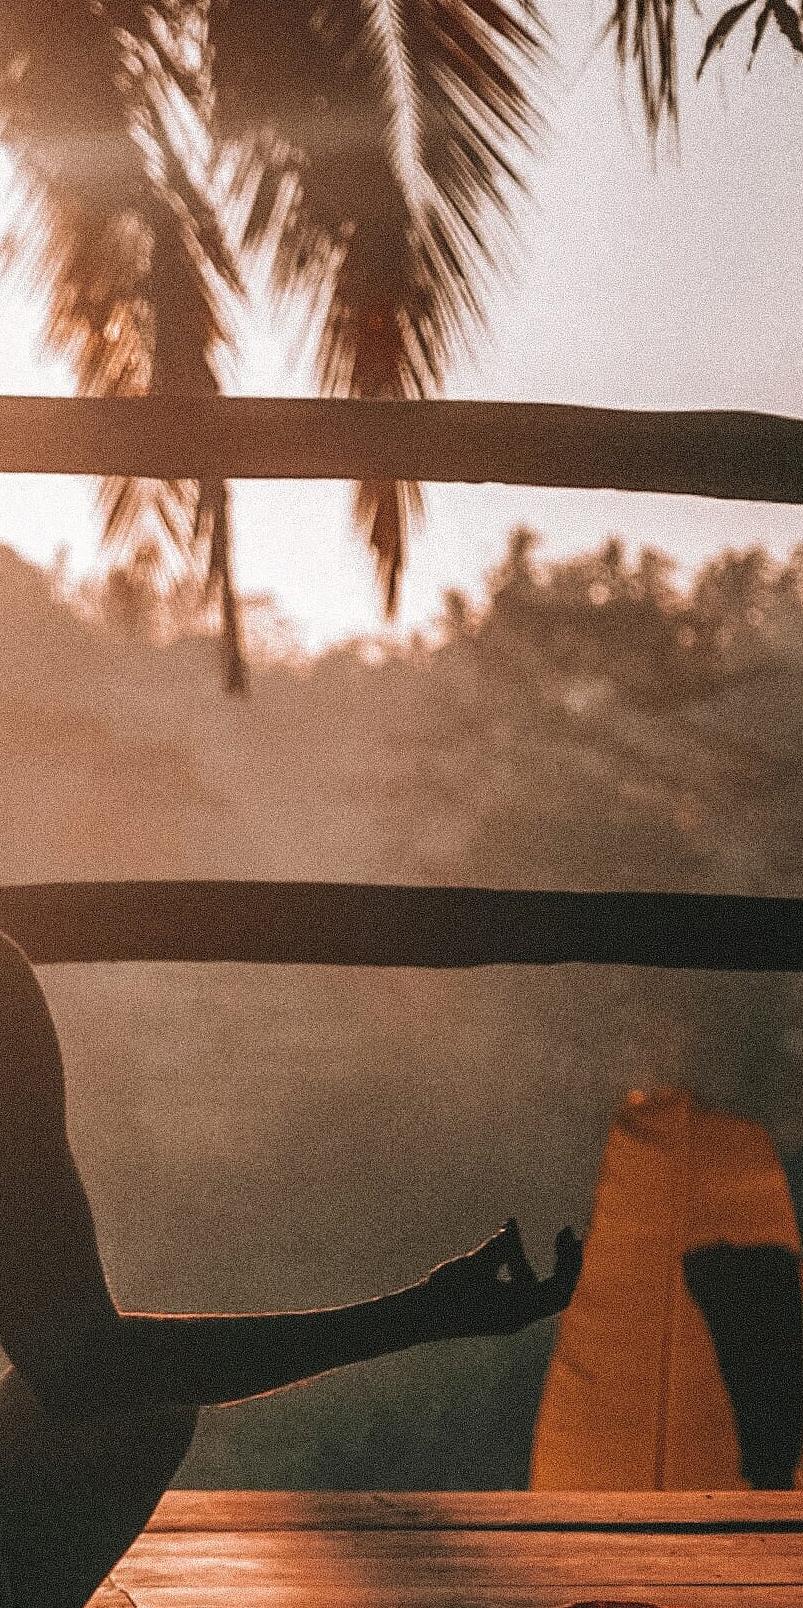 een deel van een foto met iemand die mediteert